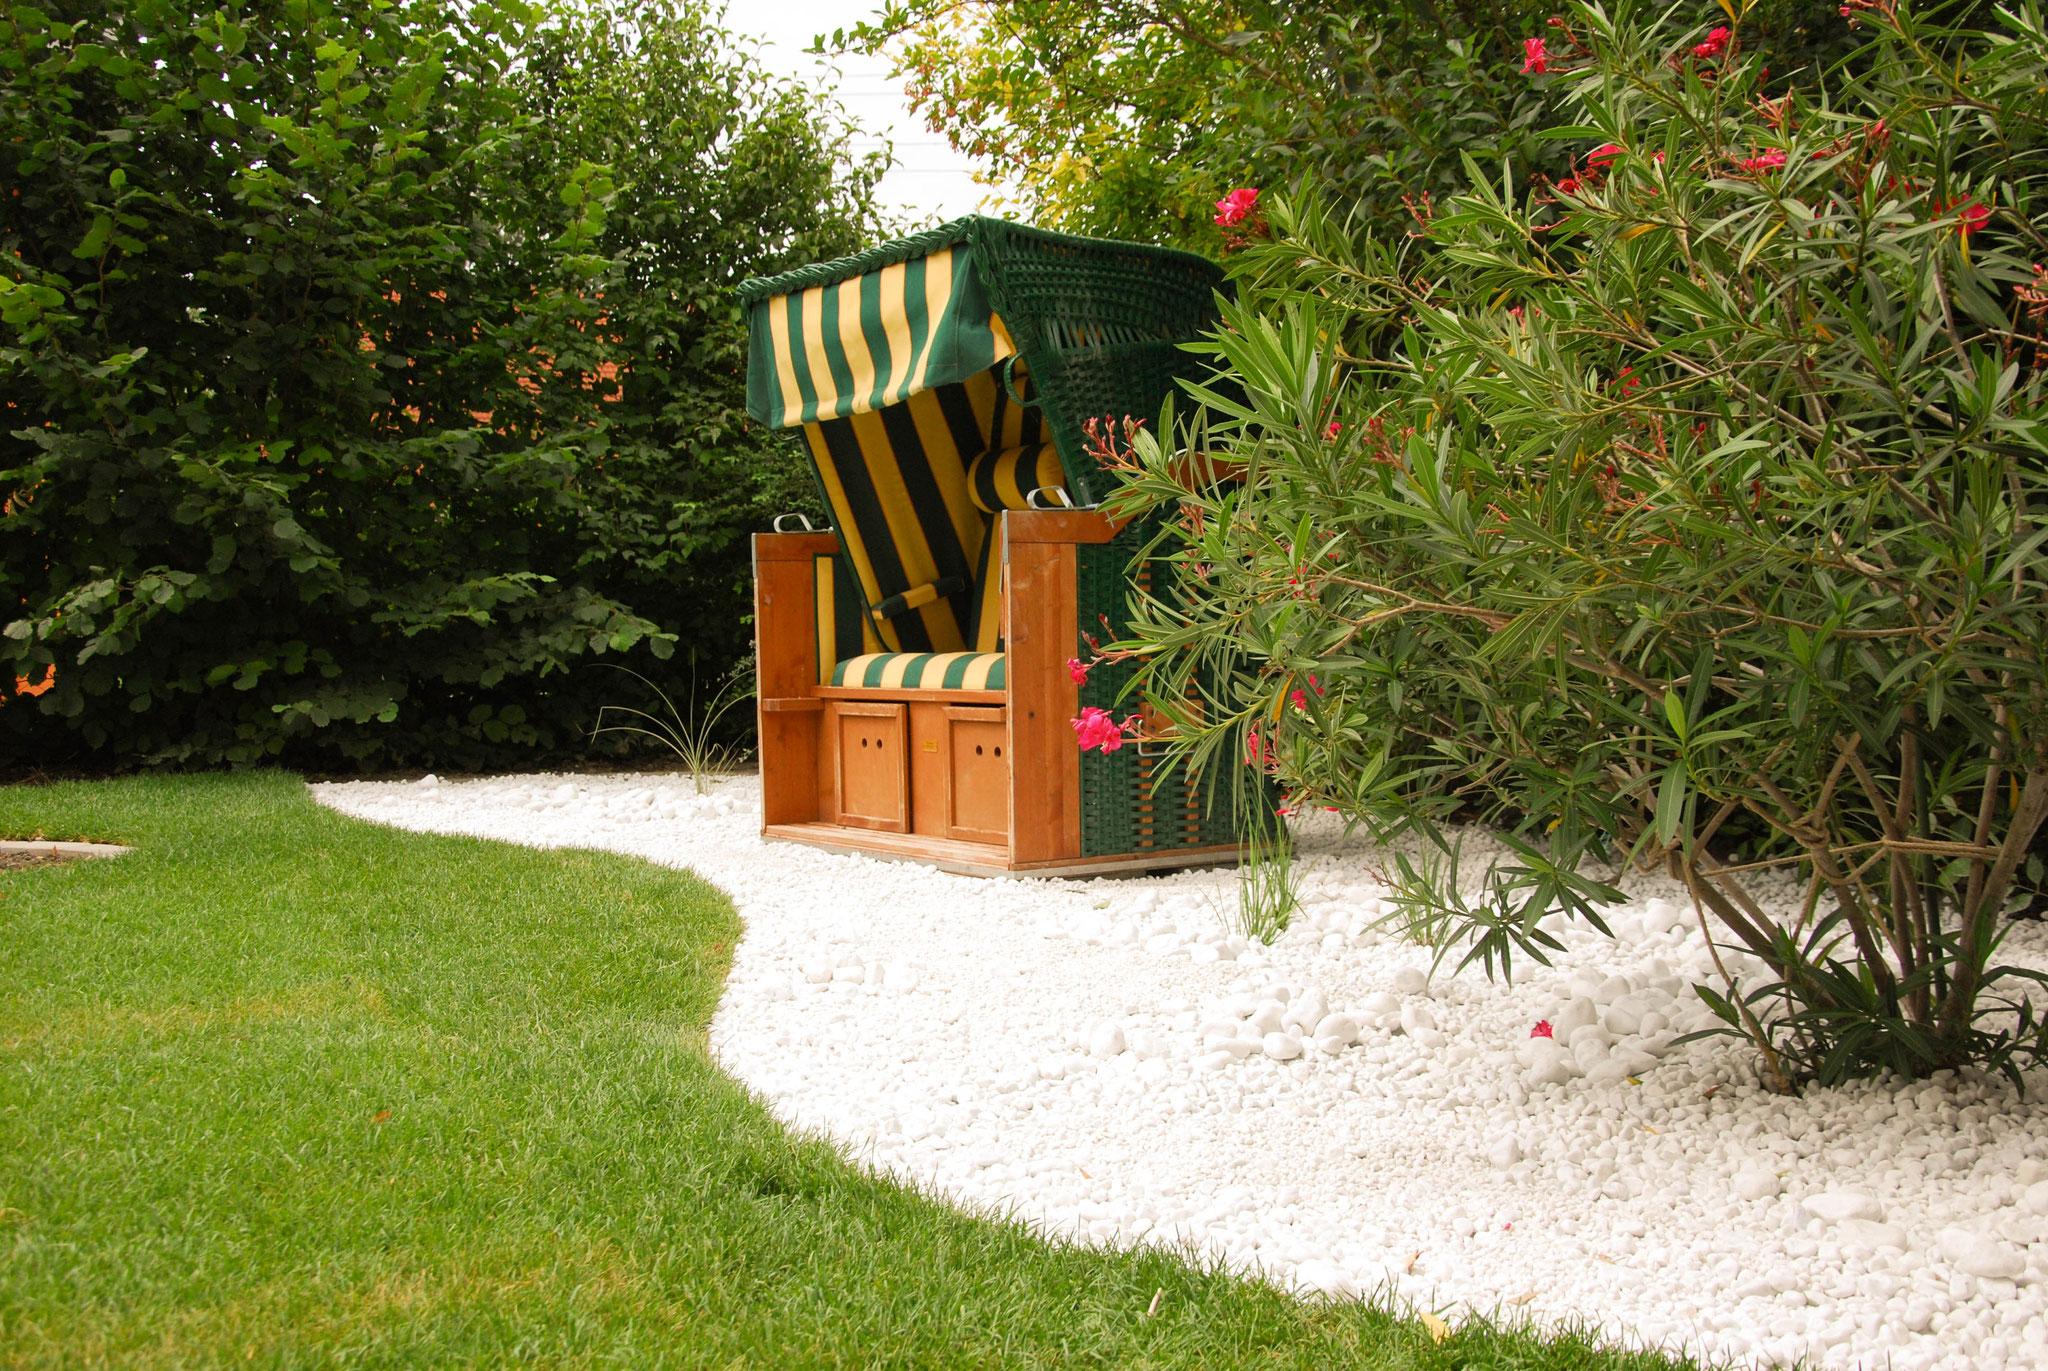 Gartengestaltung gartentr ume zemann garten naturpool for Gartengestaltung app